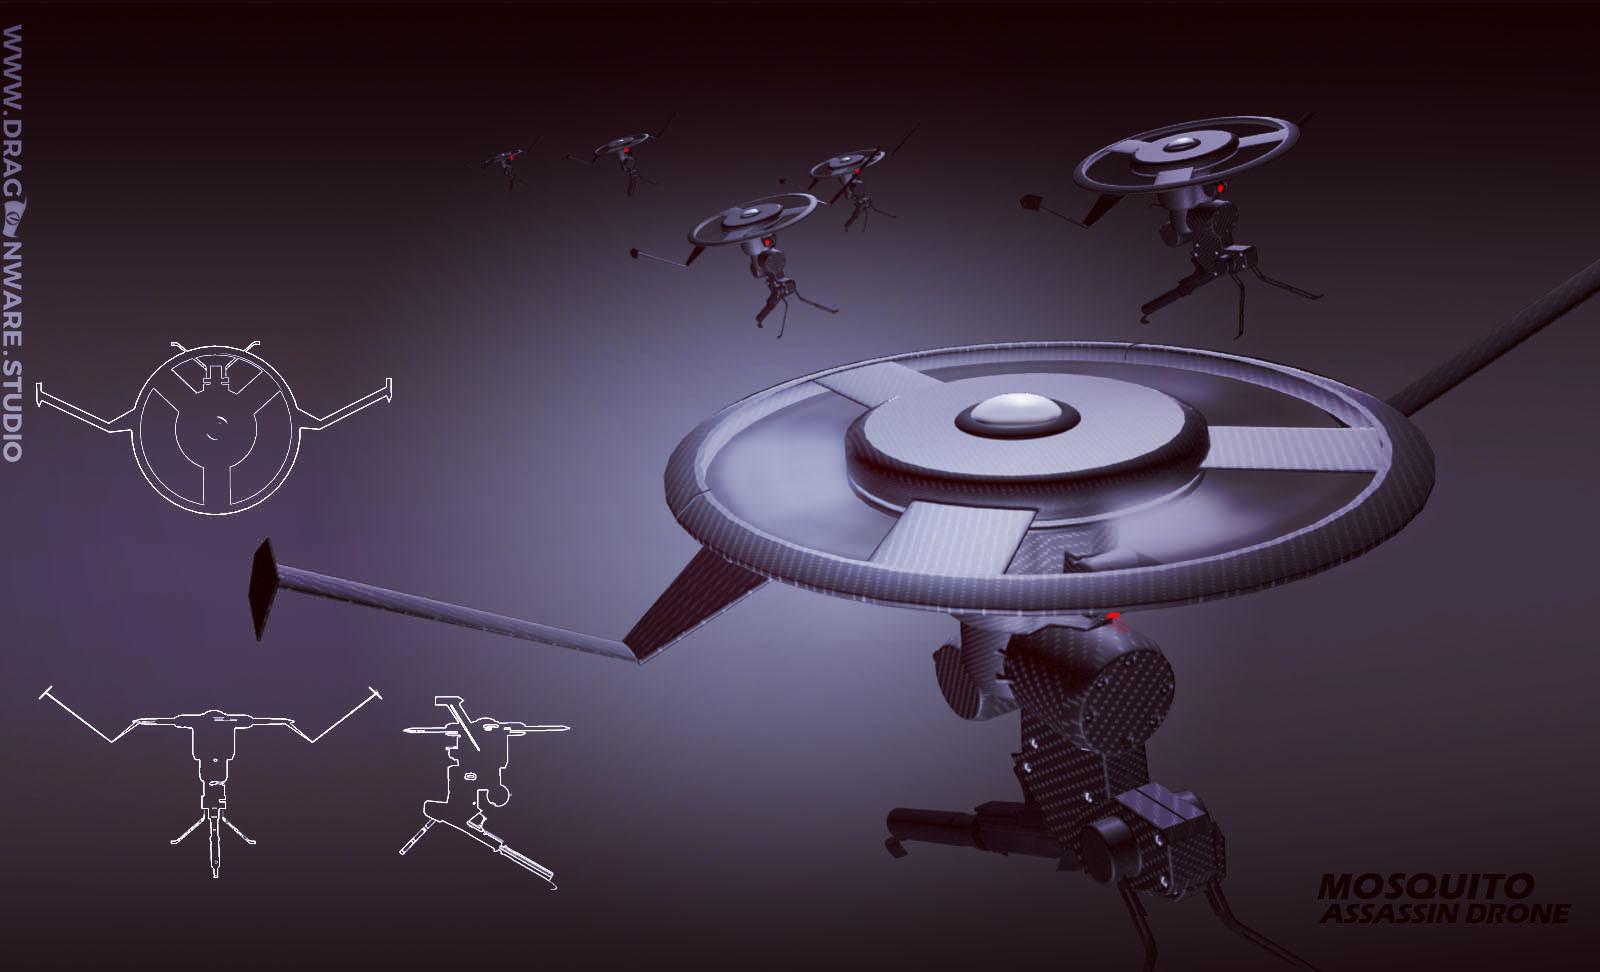 Alex jay brady drone1b